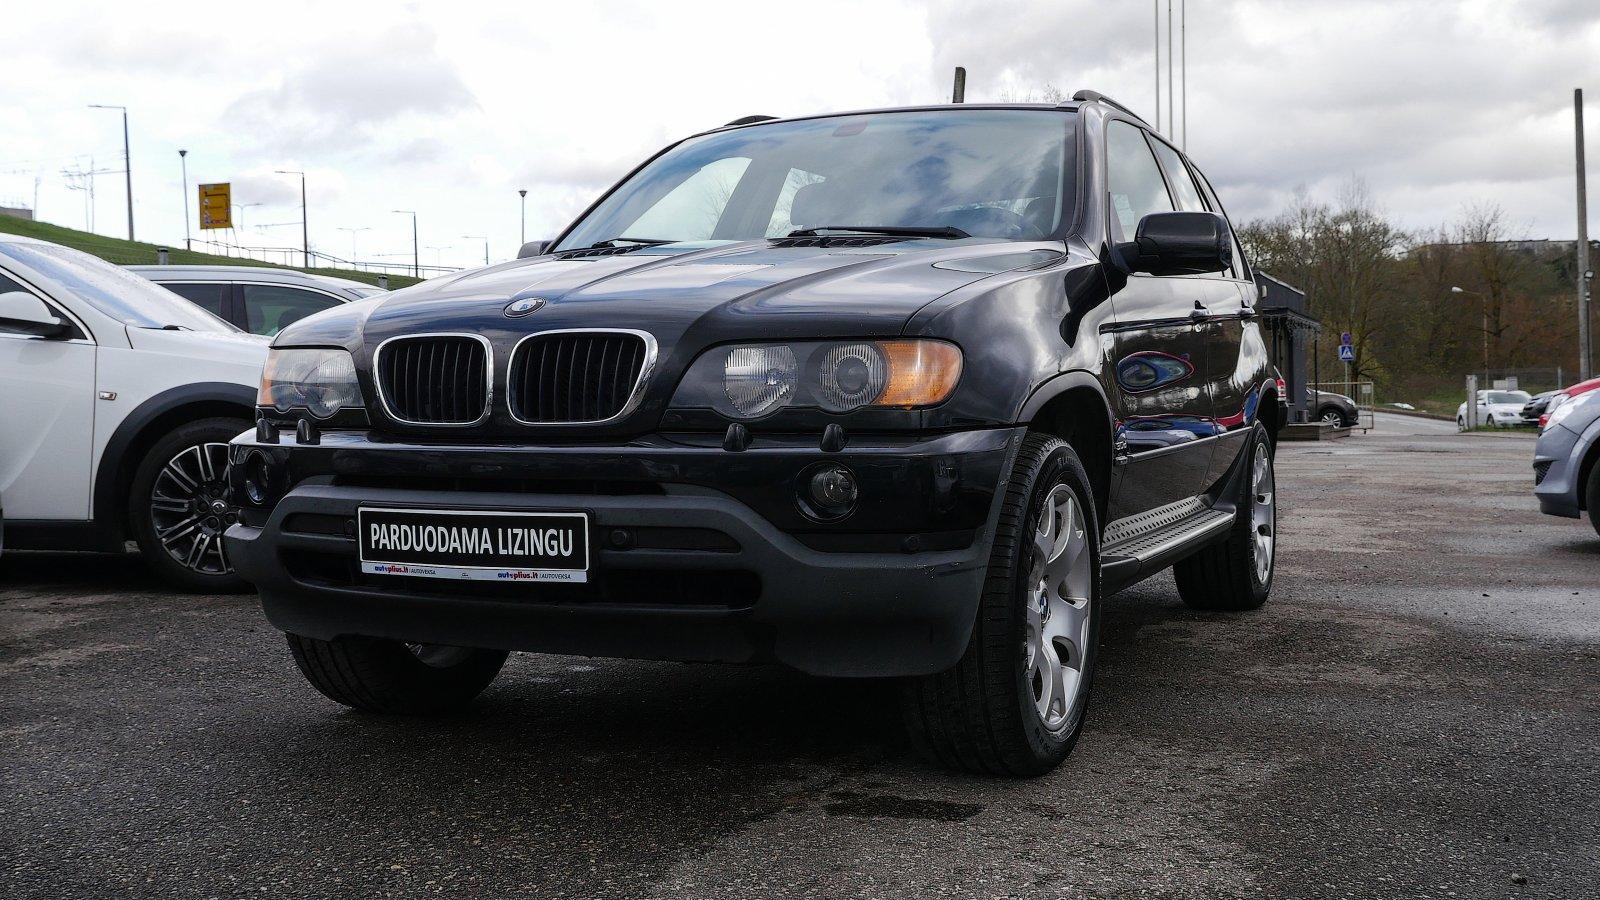 BMW X5 išsimokėtinai nuo 80 Eur/mėn ir su 3 mėnesių garantija